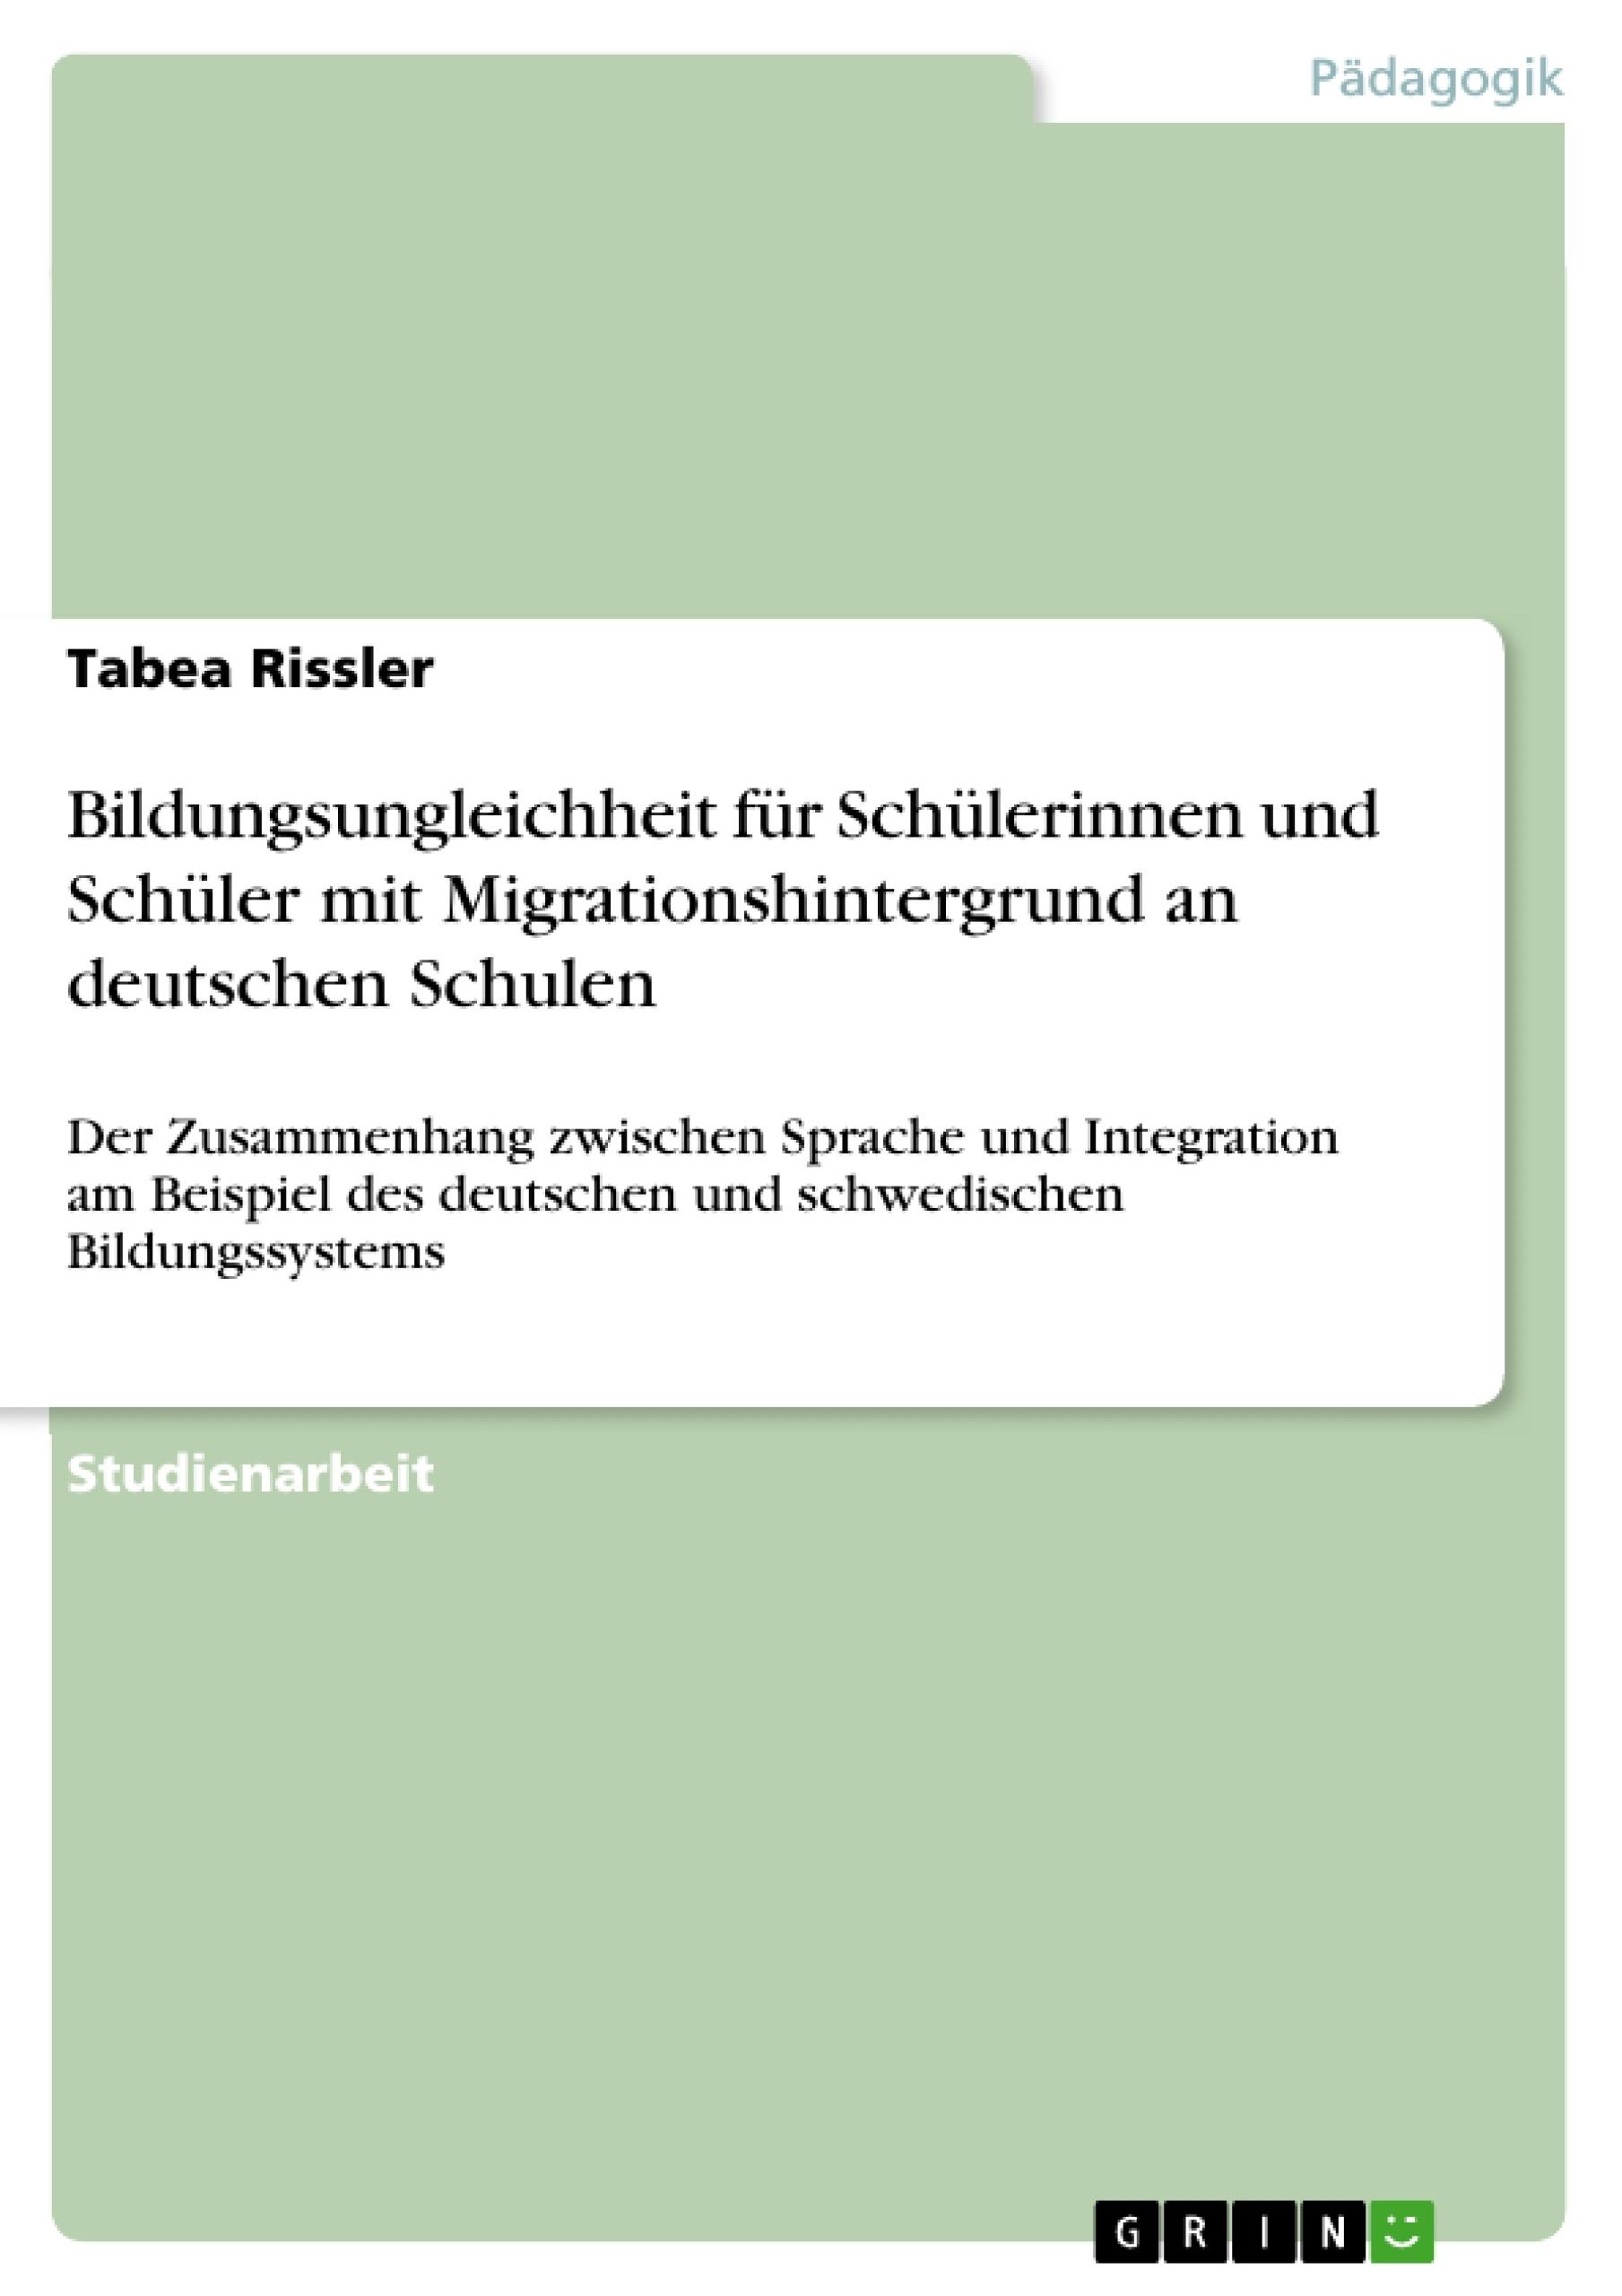 Titel: Bildungsungleichheit für Schülerinnen und Schüler  mit Migrationshintergrund an deutschen Schulen